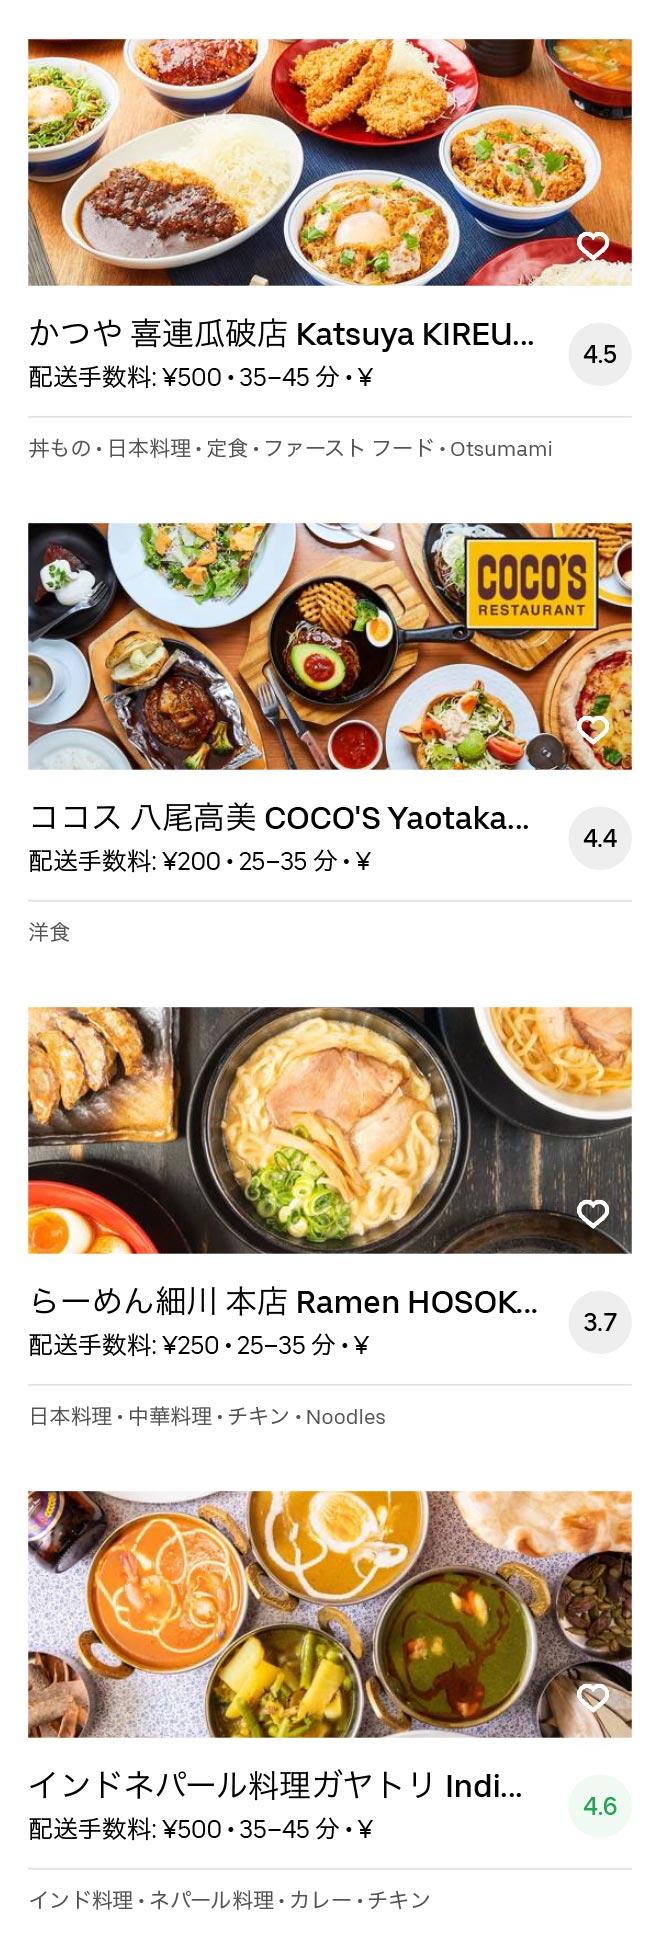 Yao shiki menu 2005 05